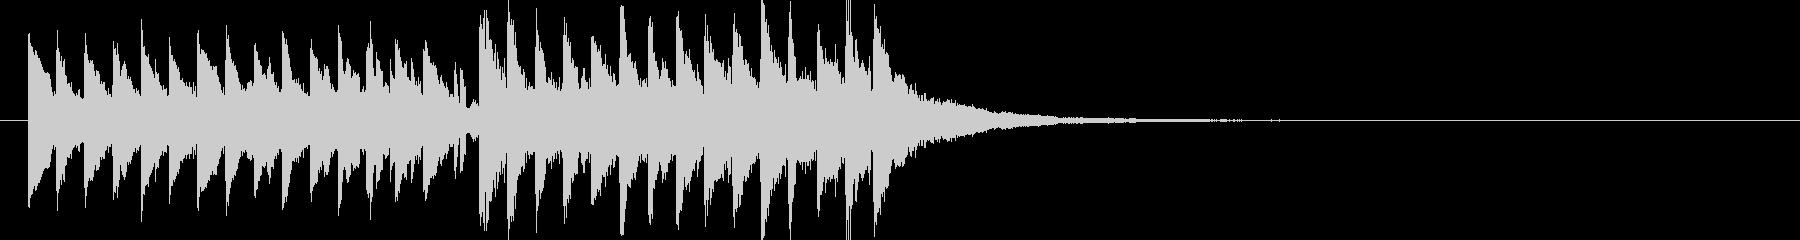 ピコピコ電子音のジングルです。の未再生の波形